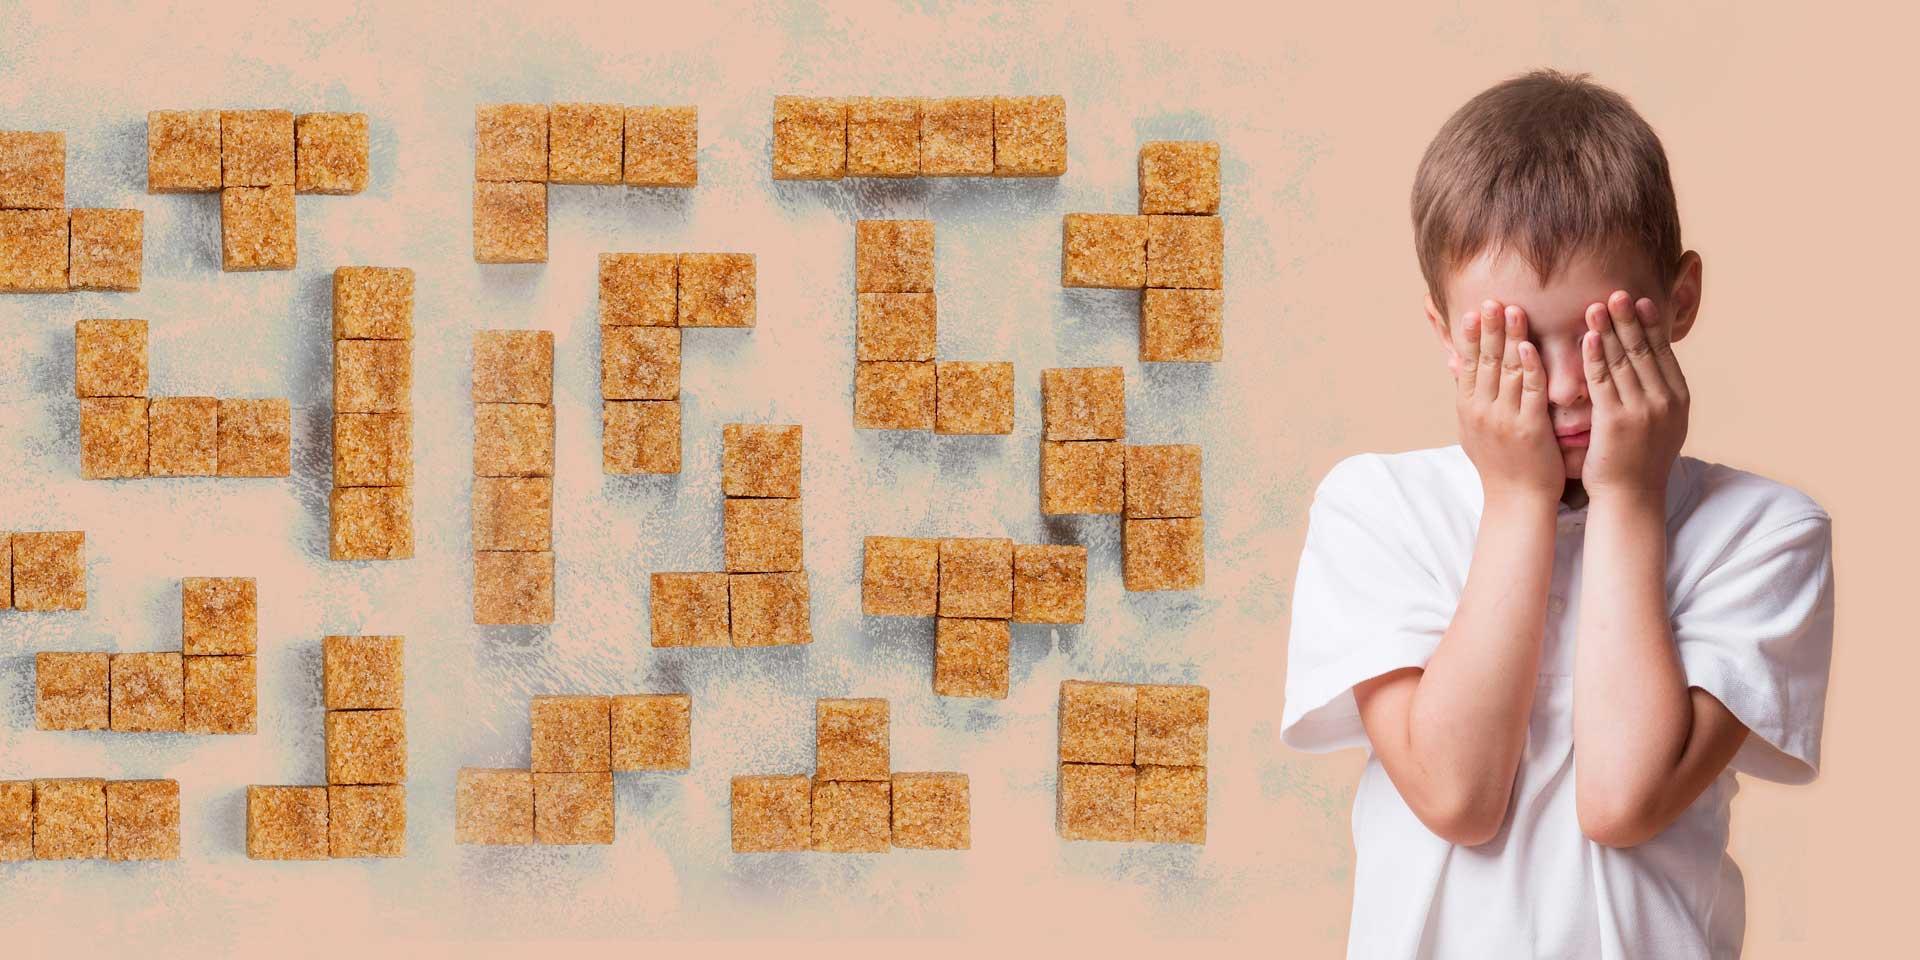 Дете до лабиринт от захарни бучки